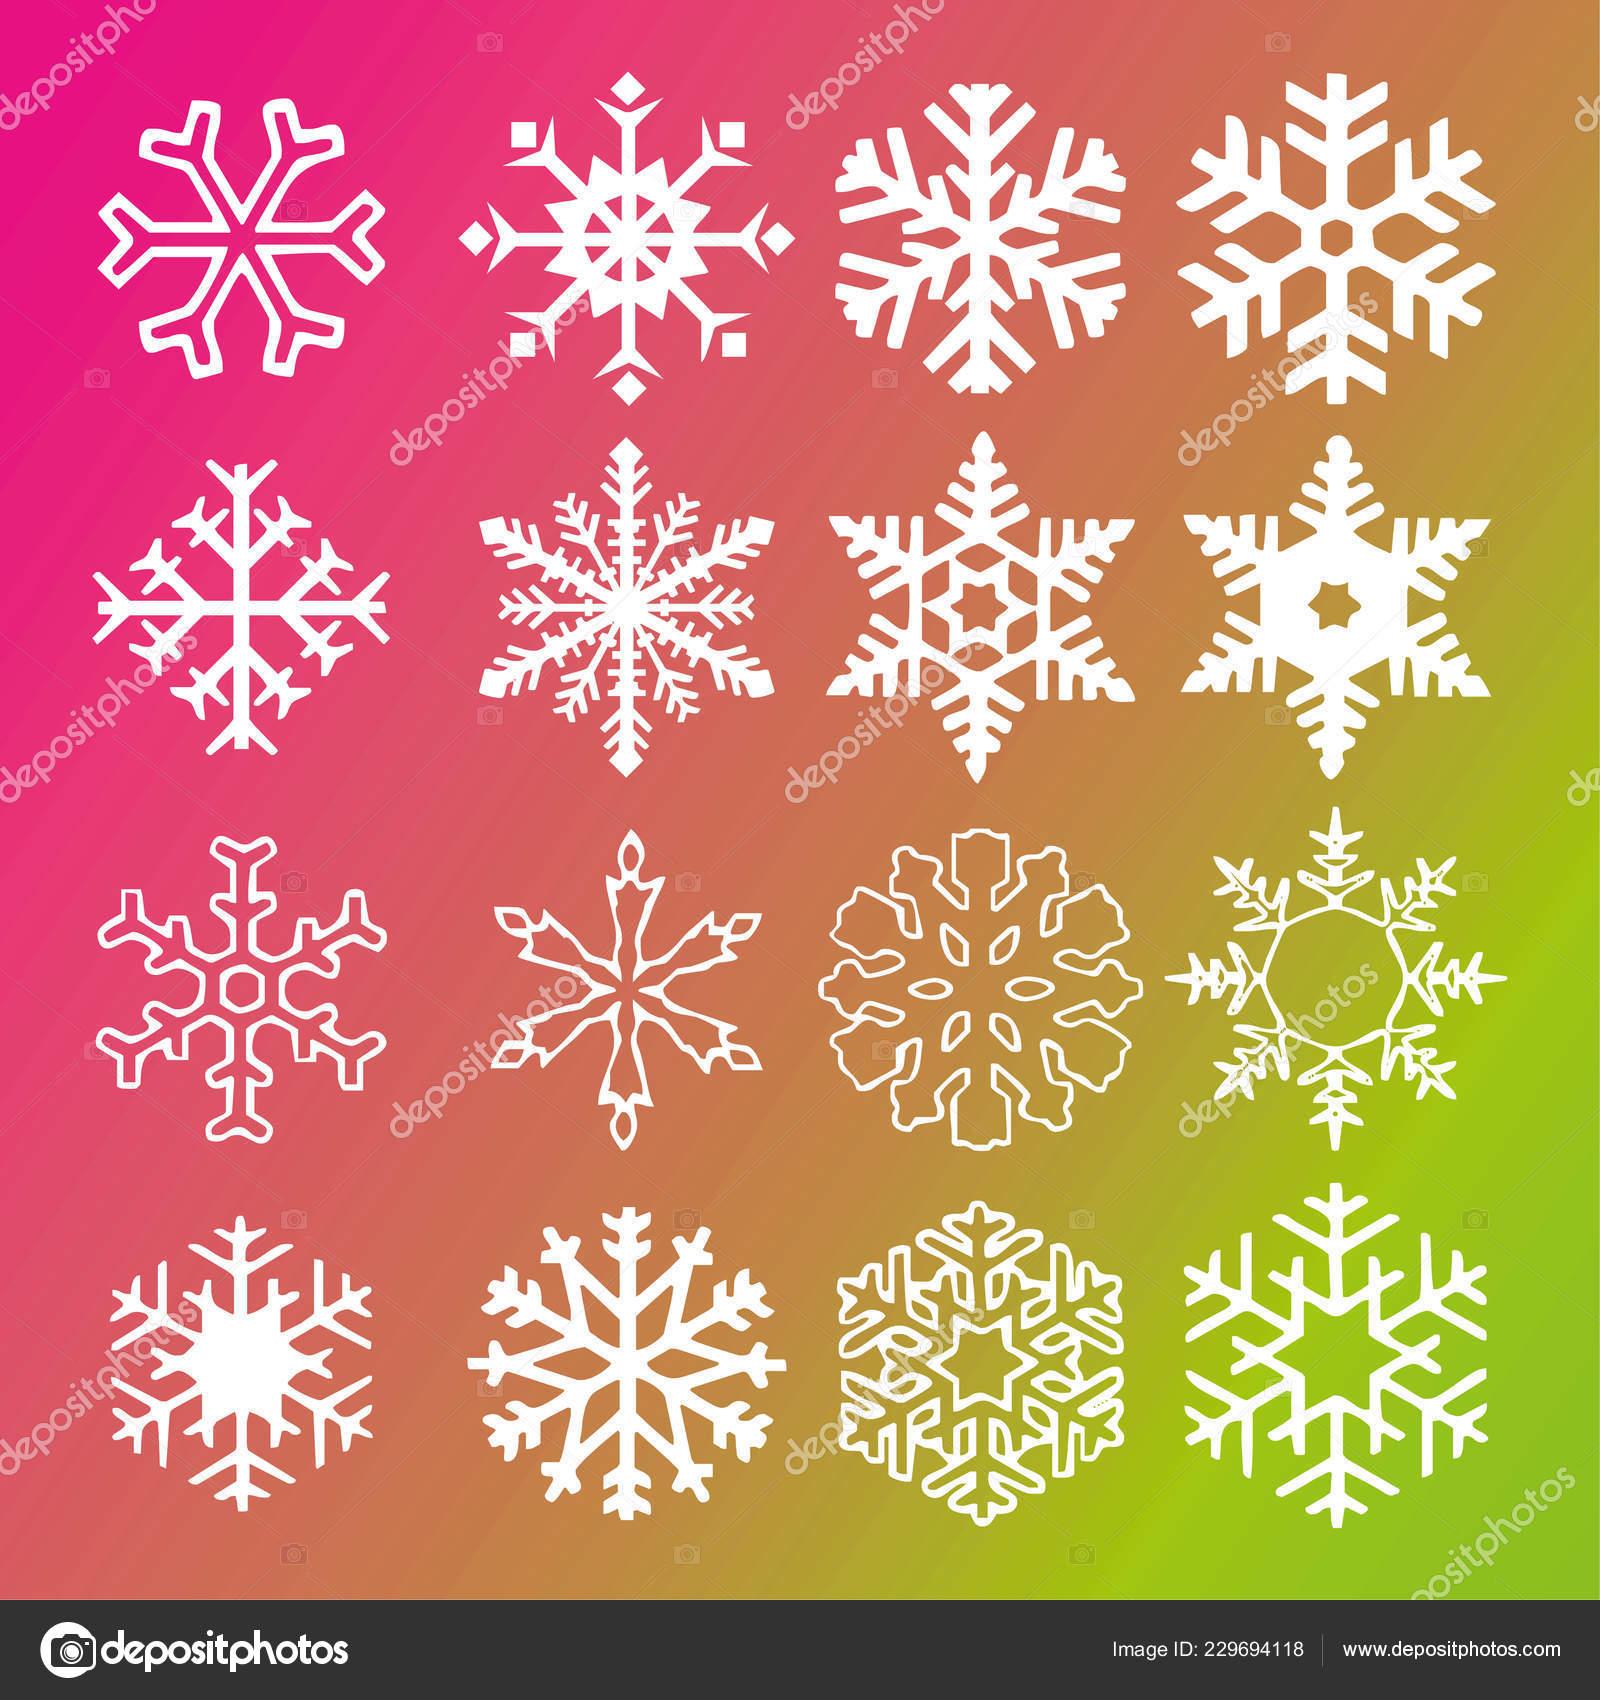 Das Wetter Zu Weihnachten 2019.Schneeflocke Vektor Icon Farbverlauf Hintergrund Set Ufo Grün Und